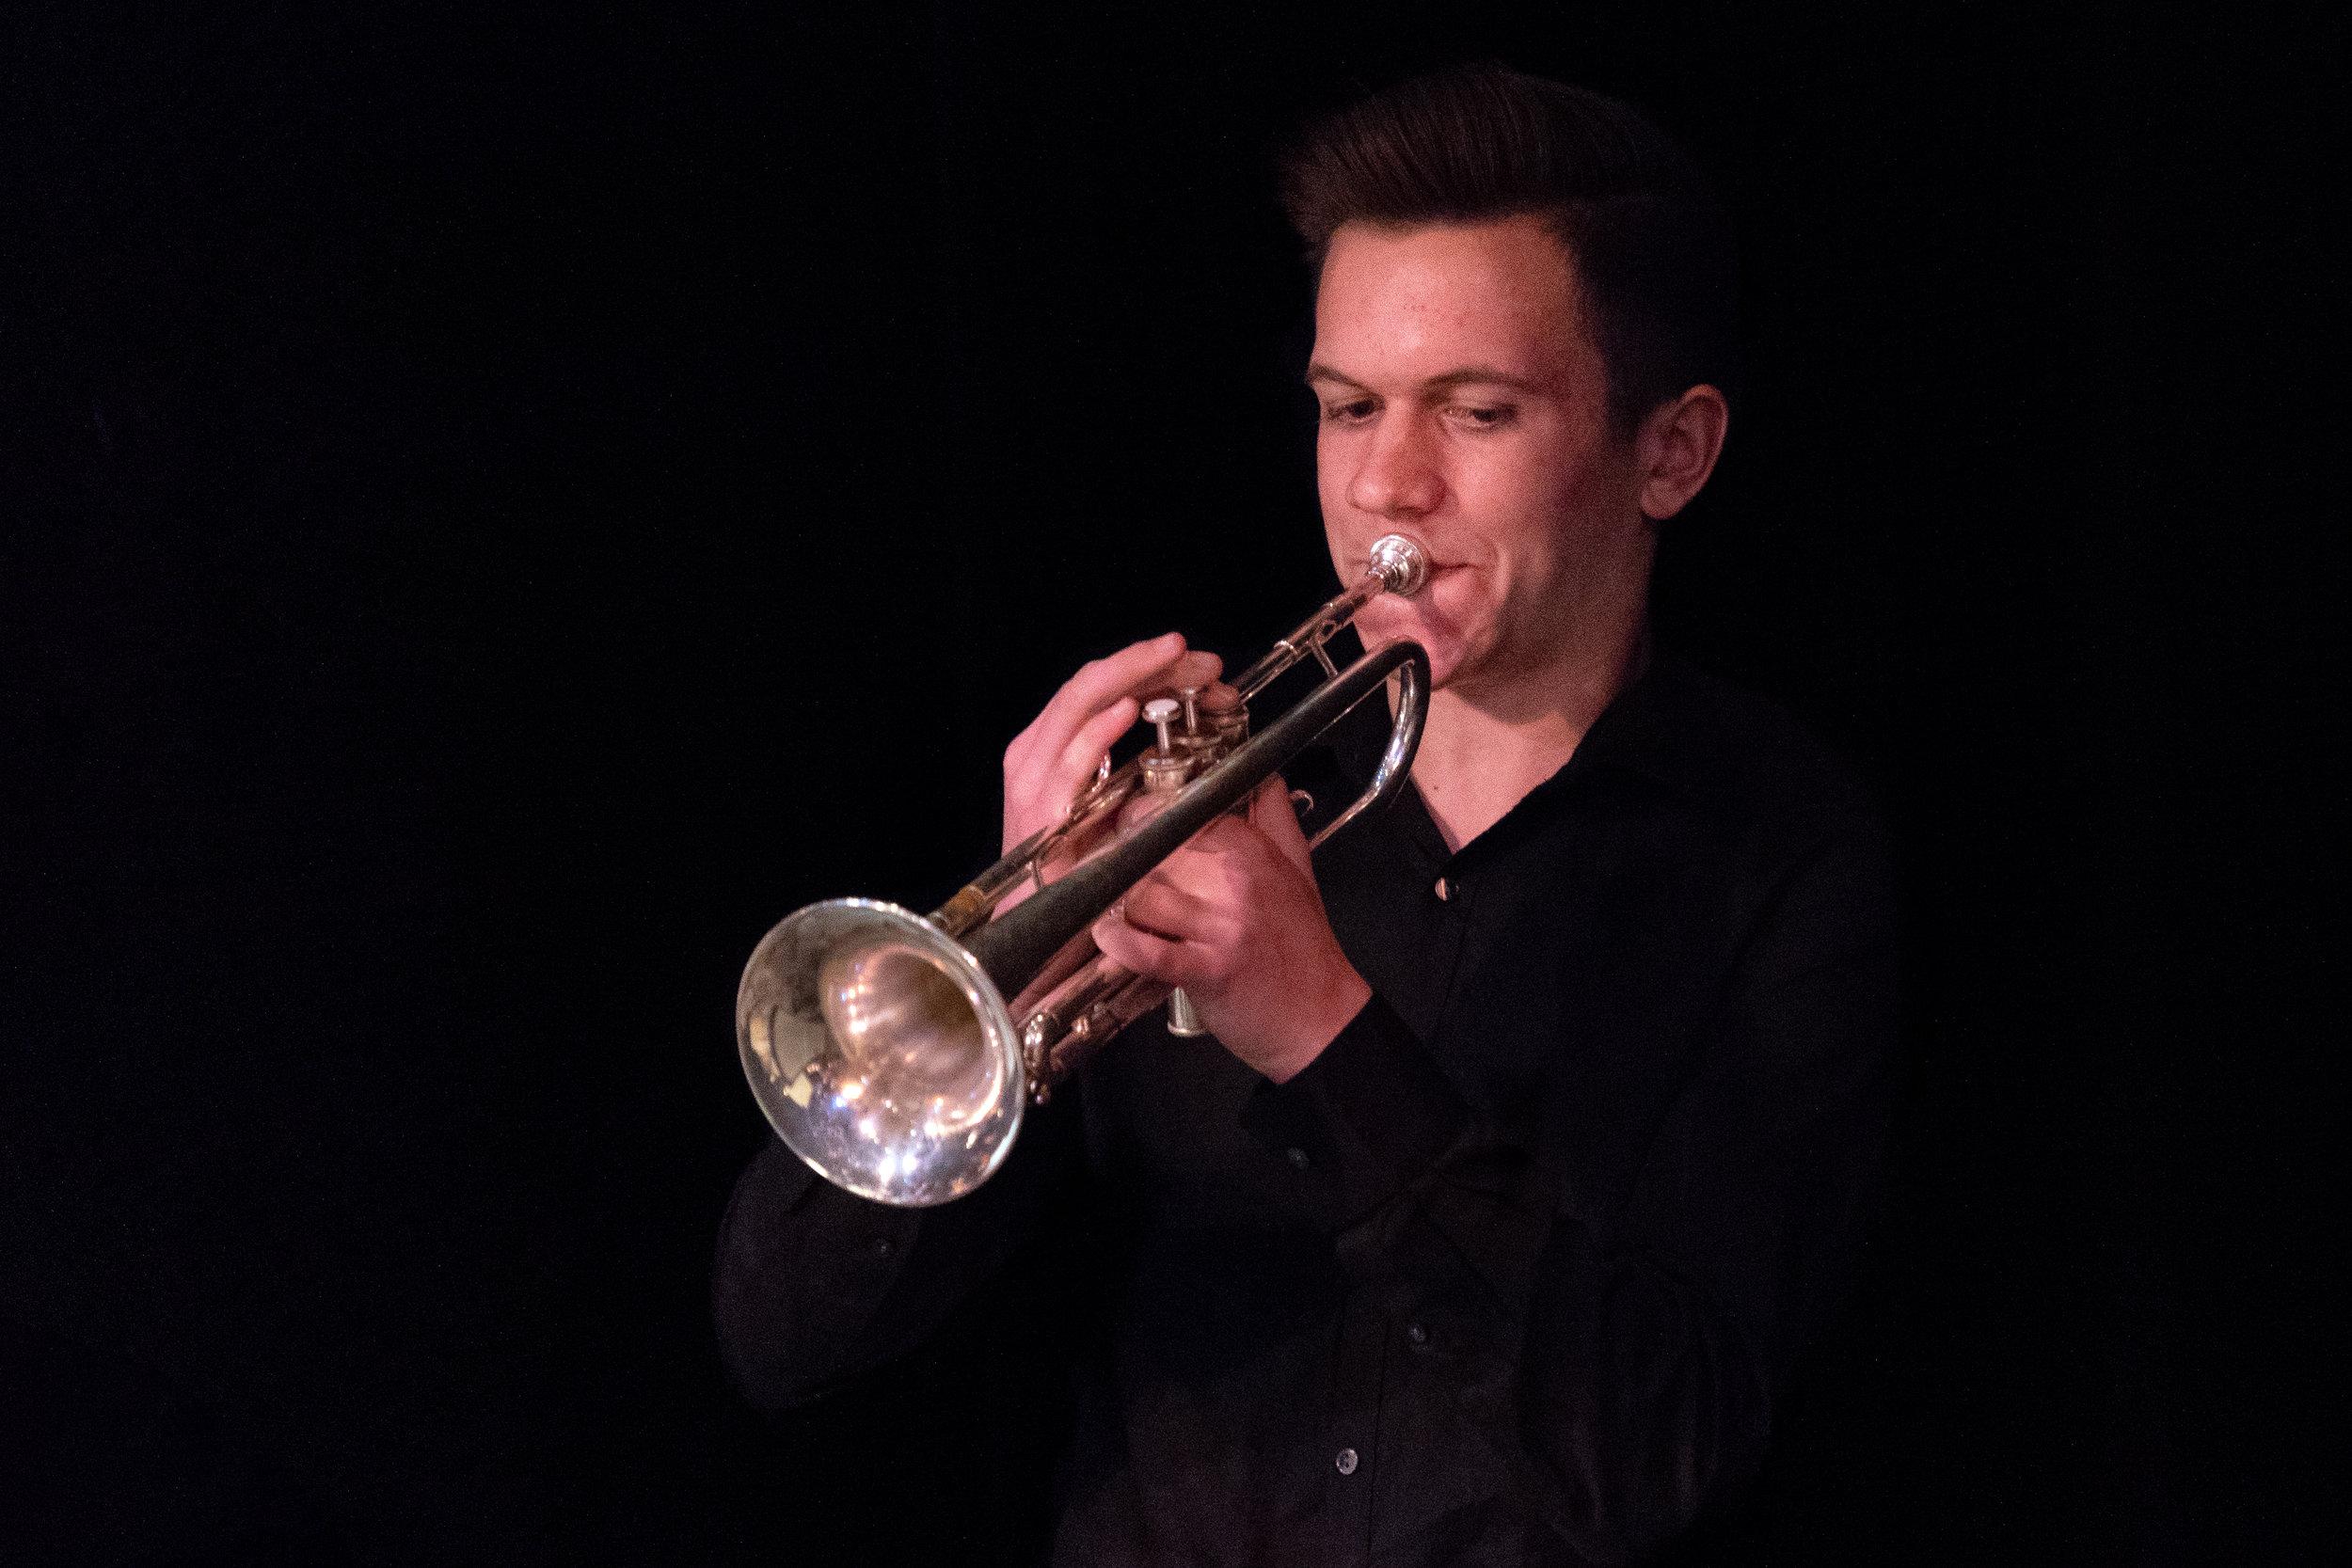 uwmusic-jazzhonorsband-042718-9395a.jpg